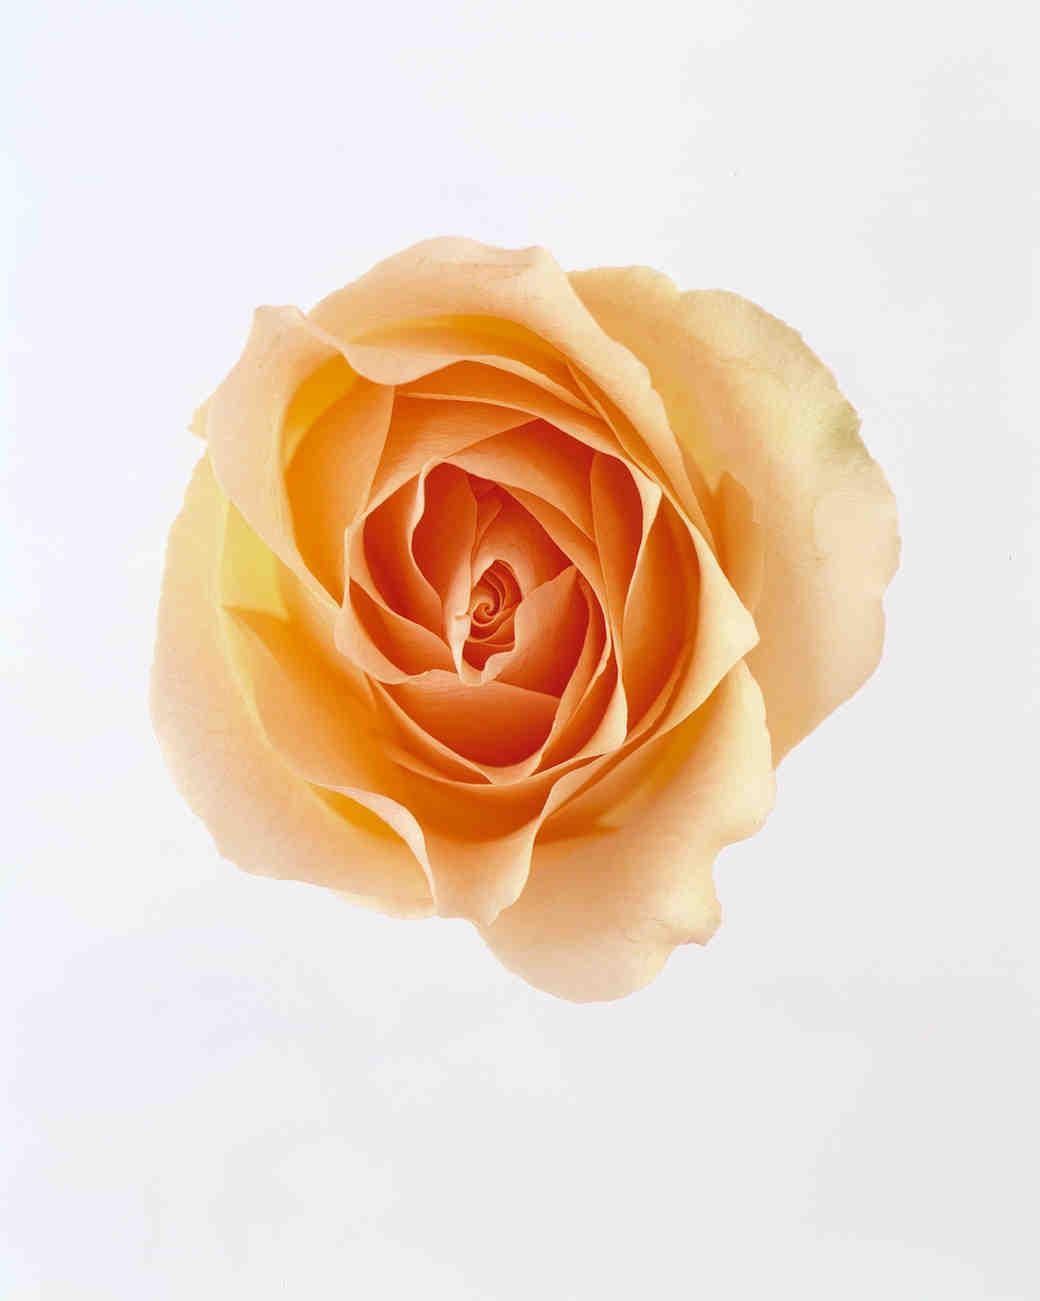 flower-glossary-rose-vers-equador-peach-a98432-0415.jpg